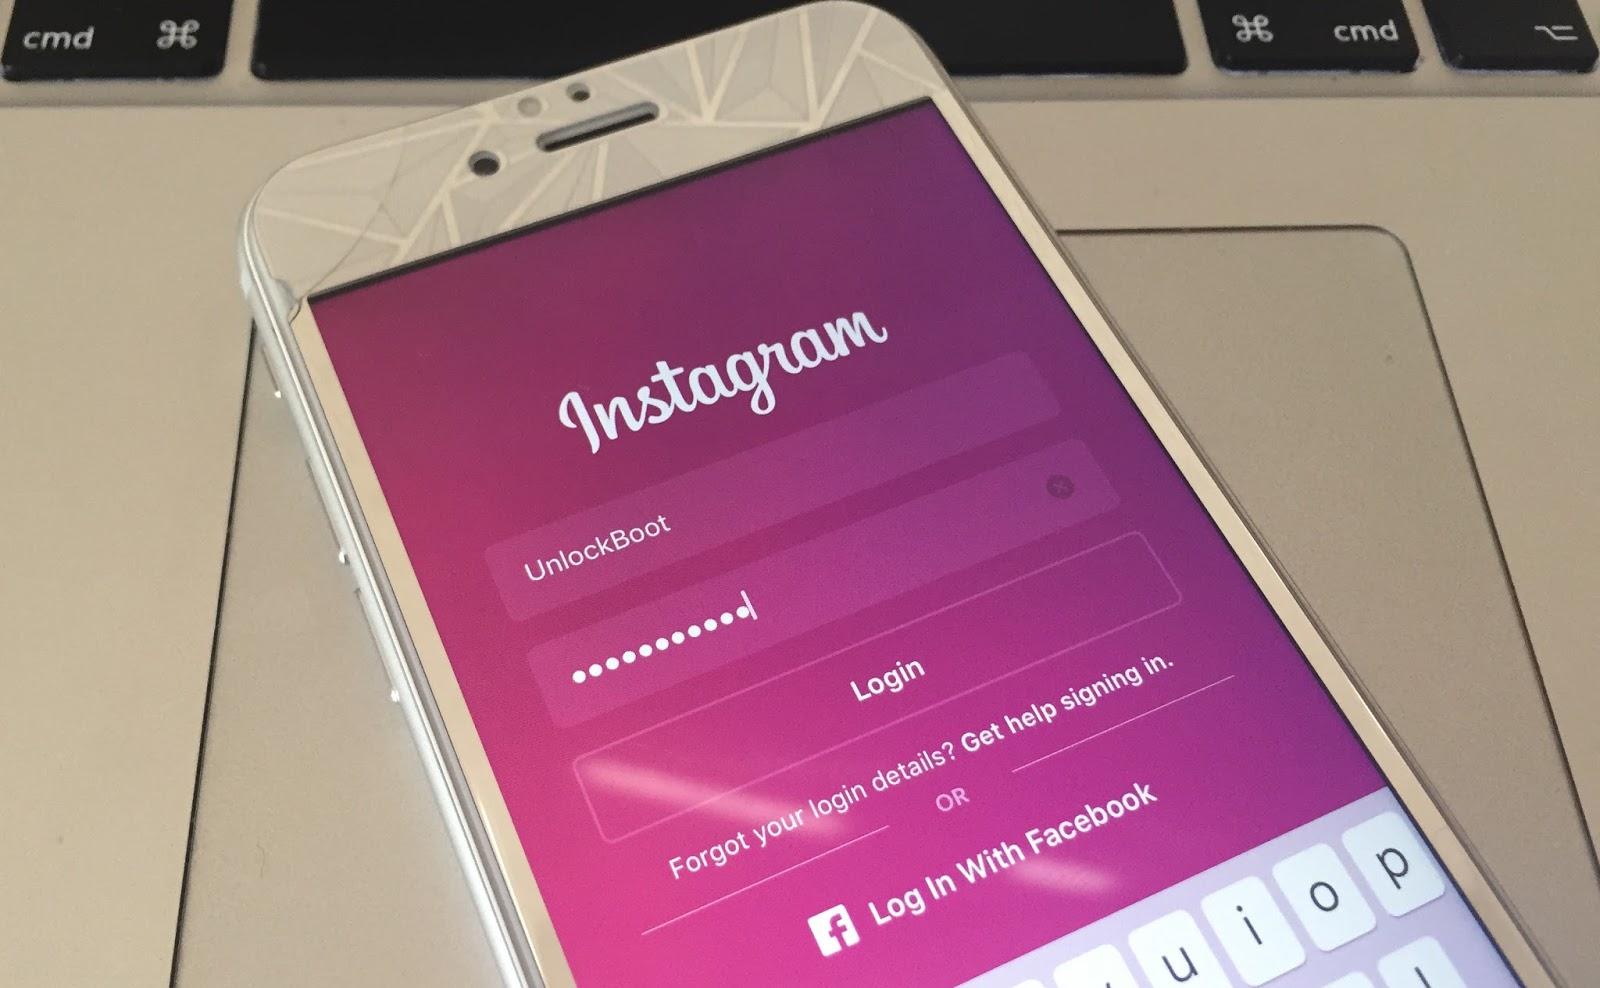 Notícias de Obstáculo na usabilidade do Instagram. Vamos corrigir